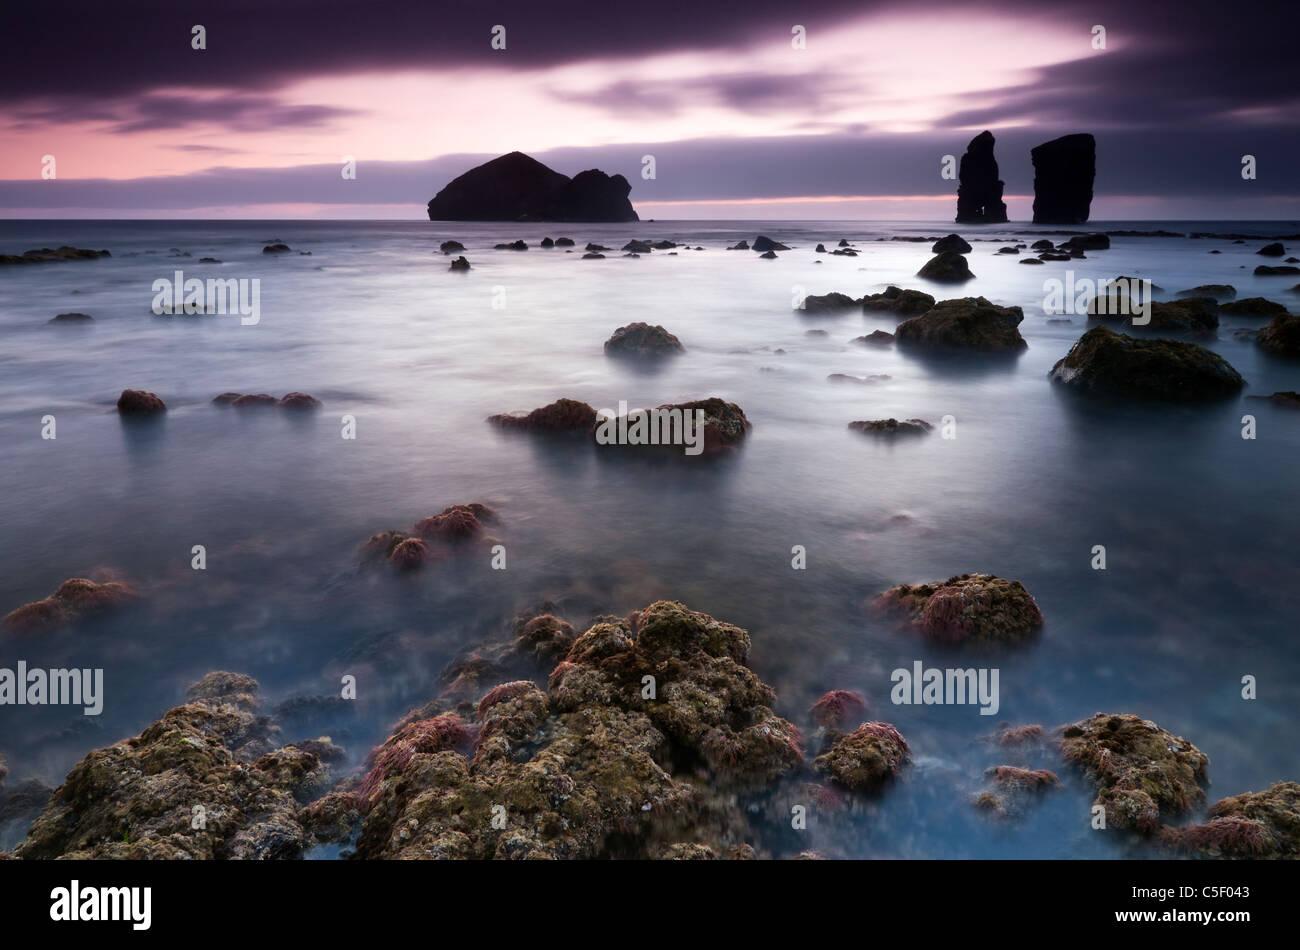 Wasserwelt auf Sonnenuntergang mit vulkanischen Inseln Stockbild